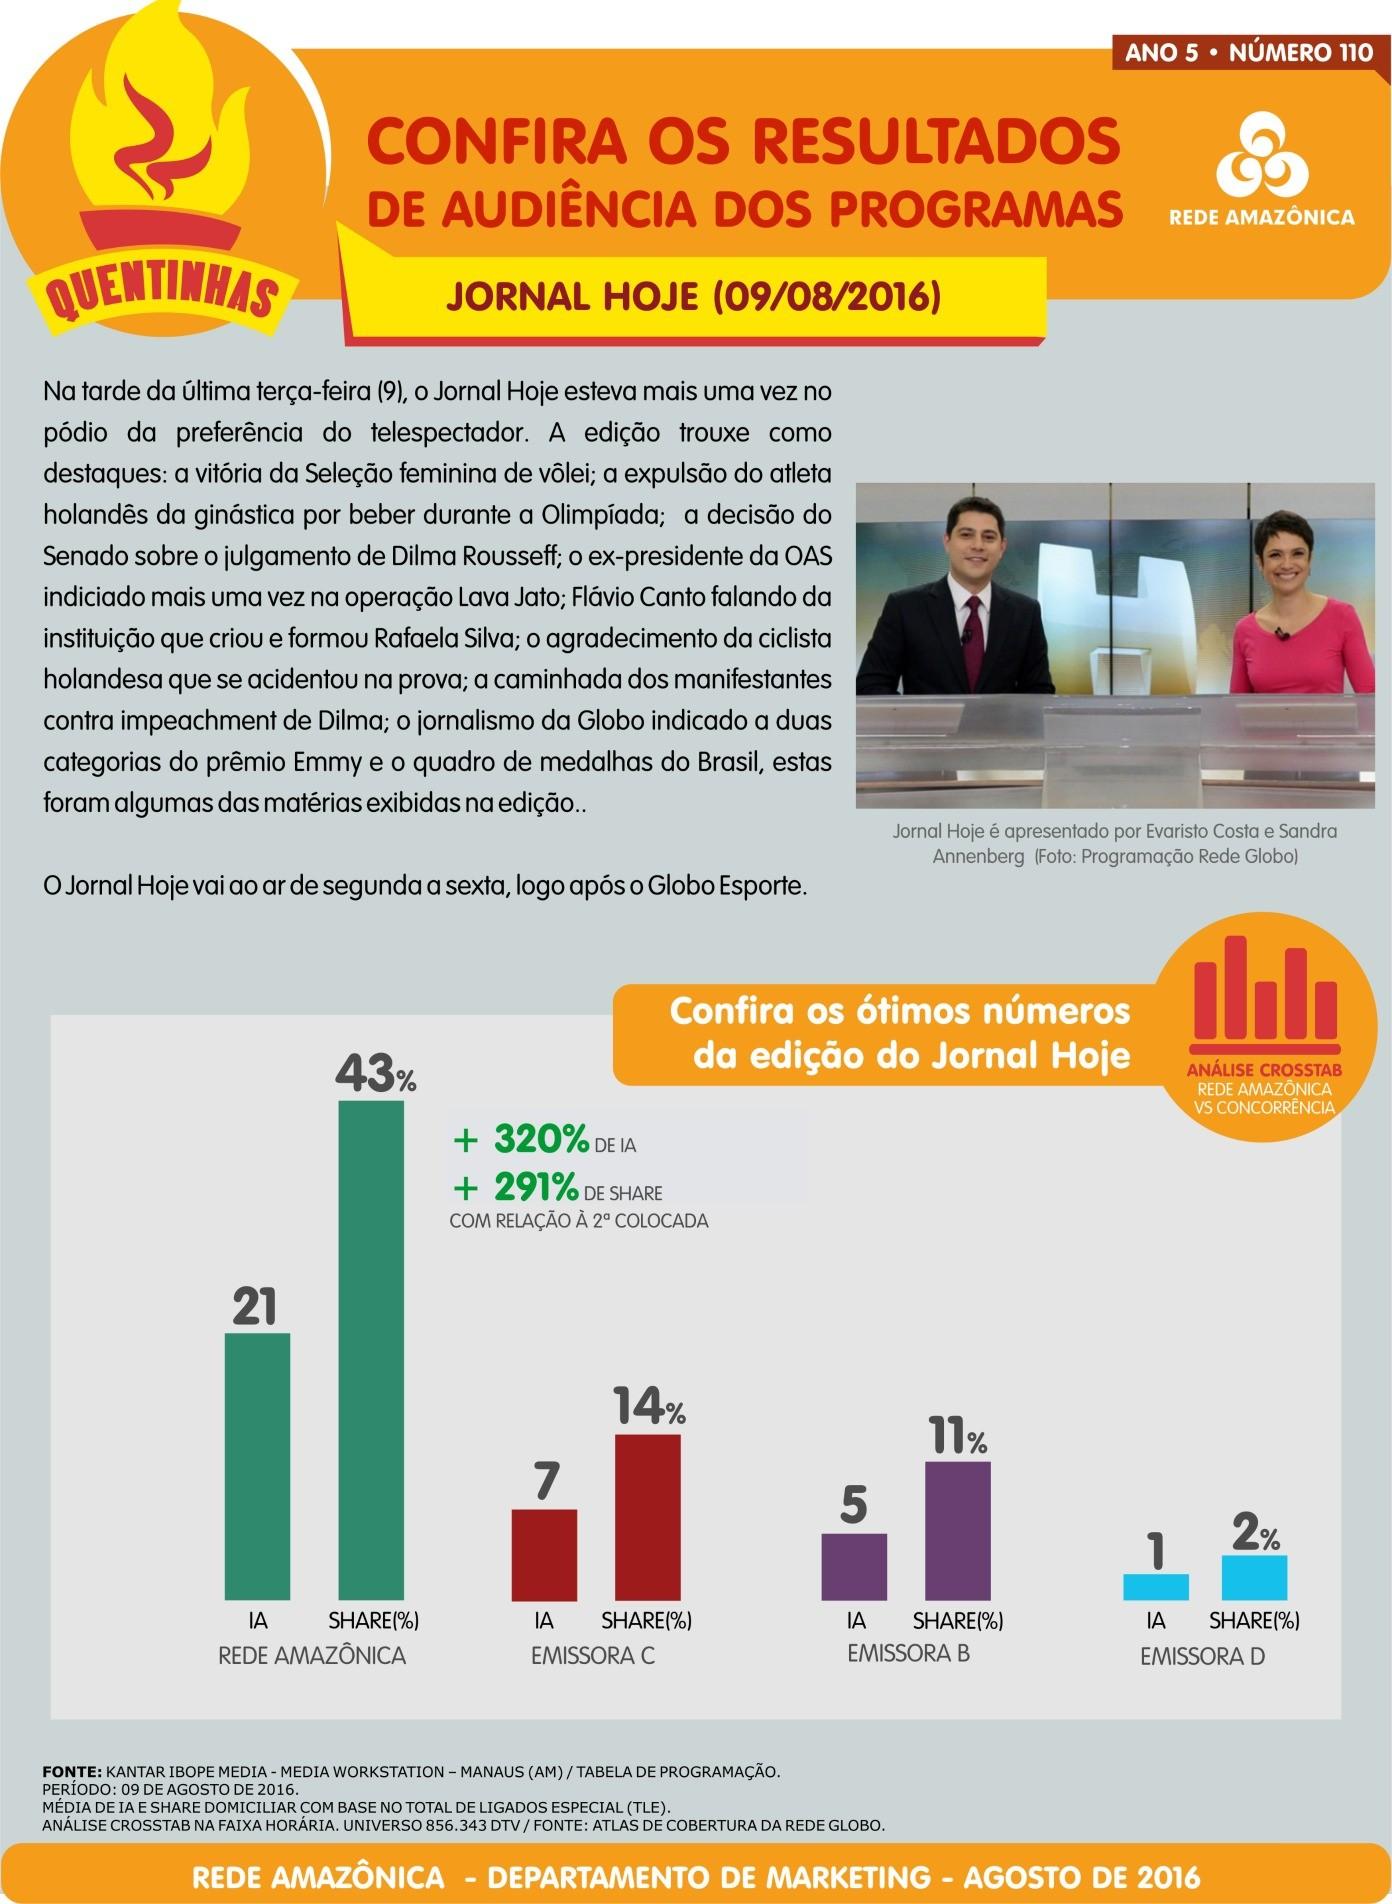 Rede Amazônica: confira a audiência do Jornal Hoje (Foto: Marketing/Rede Amazônica)